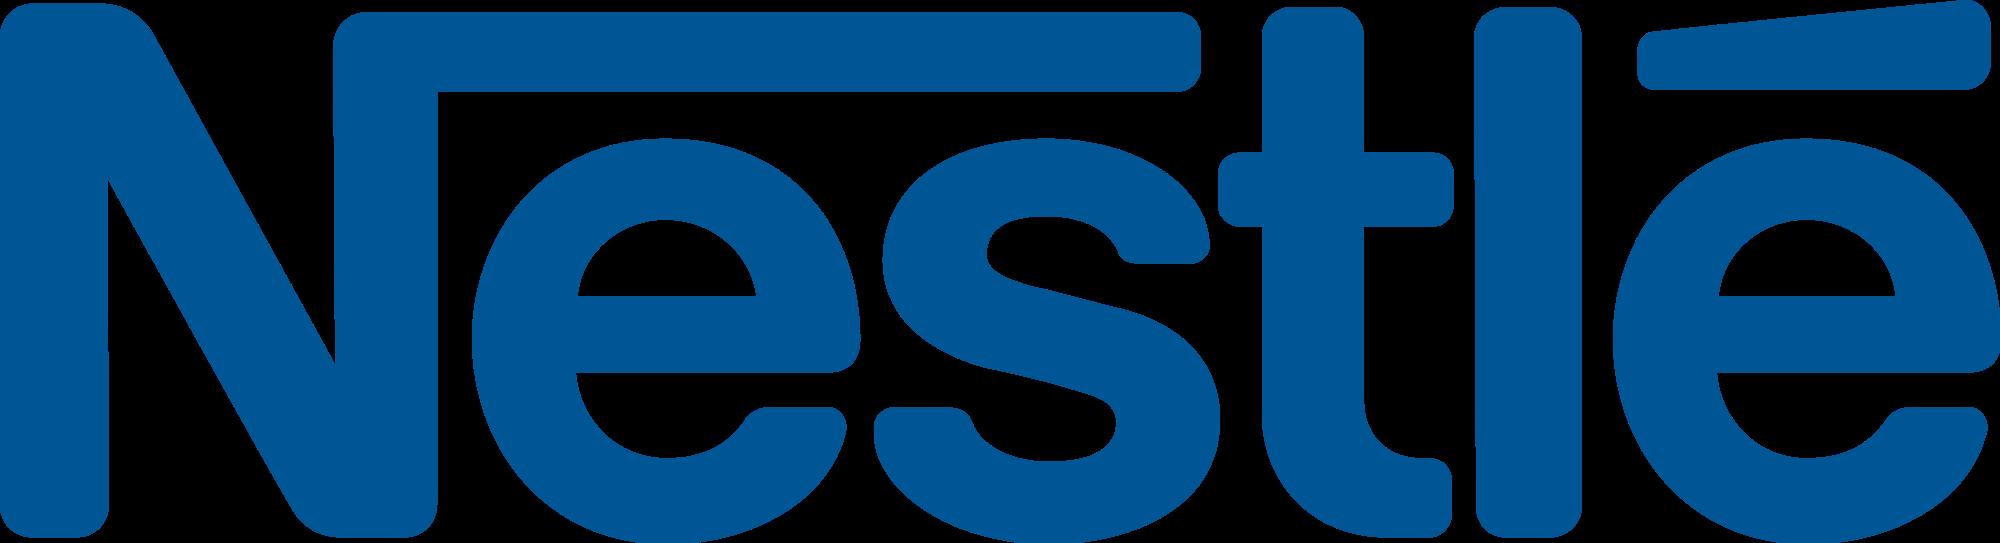 Nestle Advertising Idea